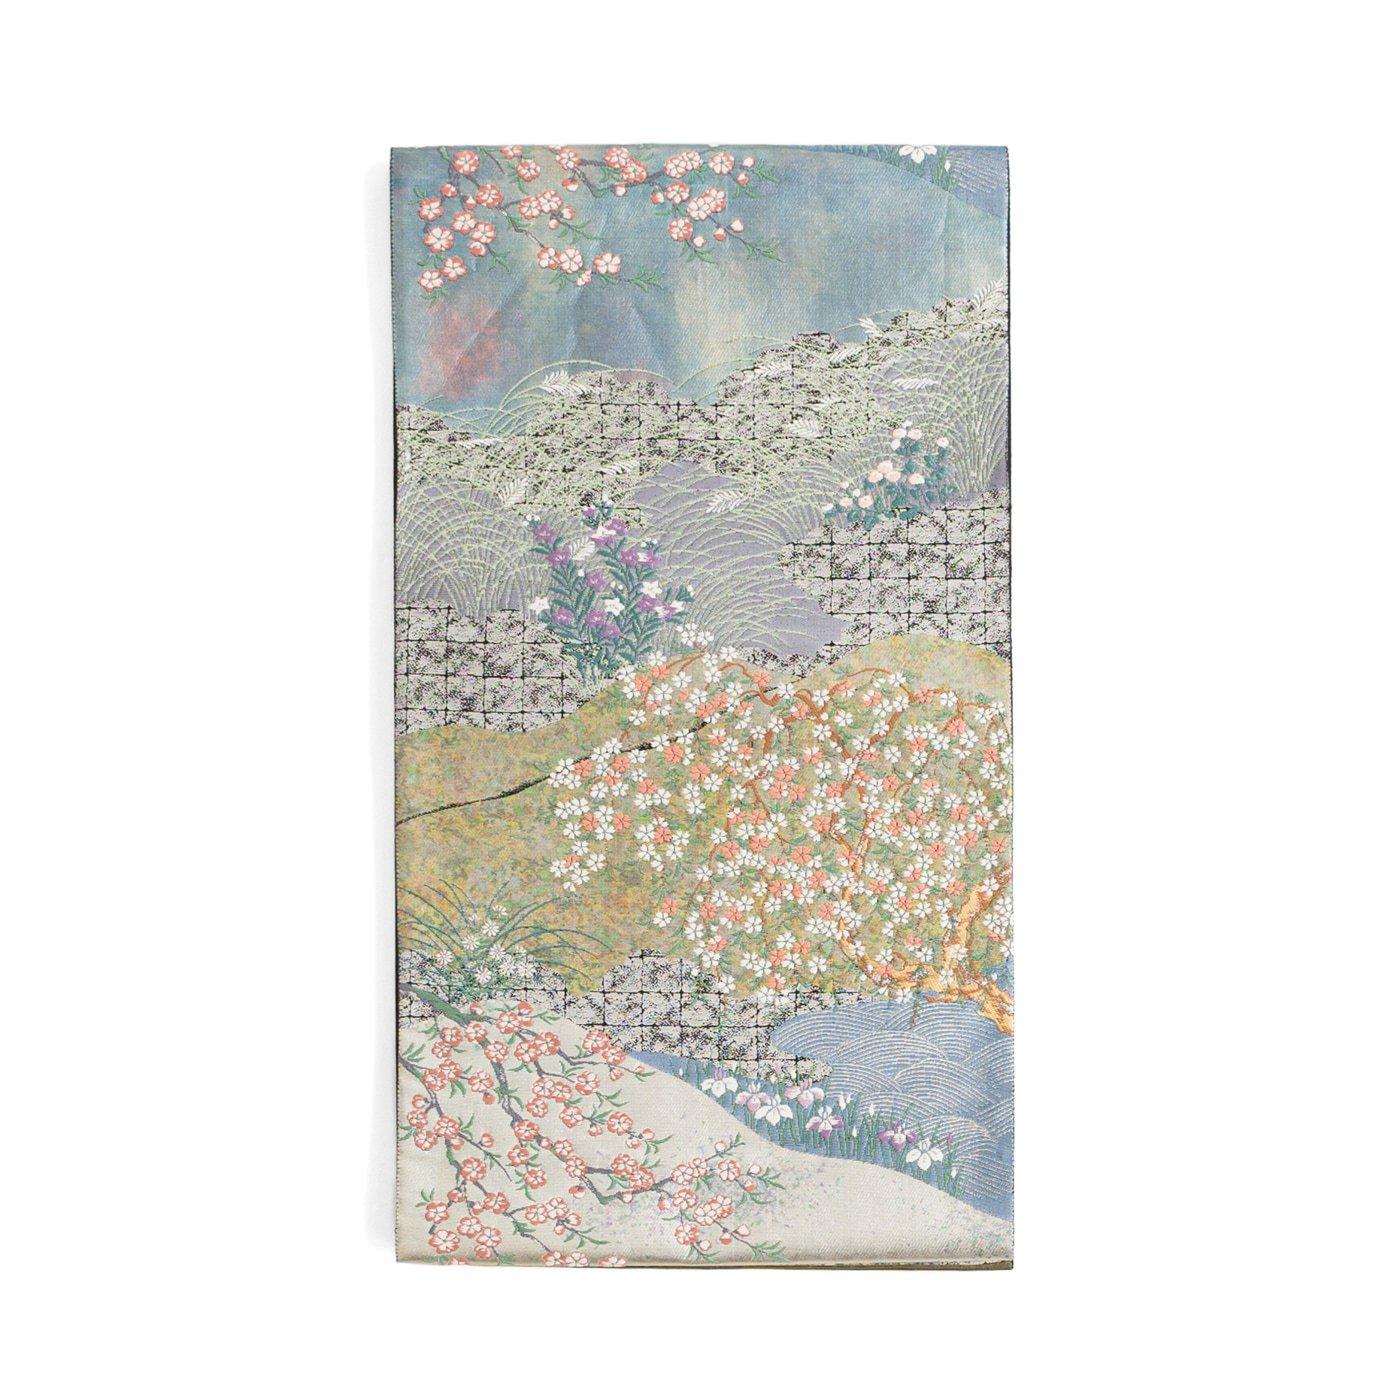 「袋帯●四季の移ろい 桜 菖蒲 菊 すすきなど」の商品画像